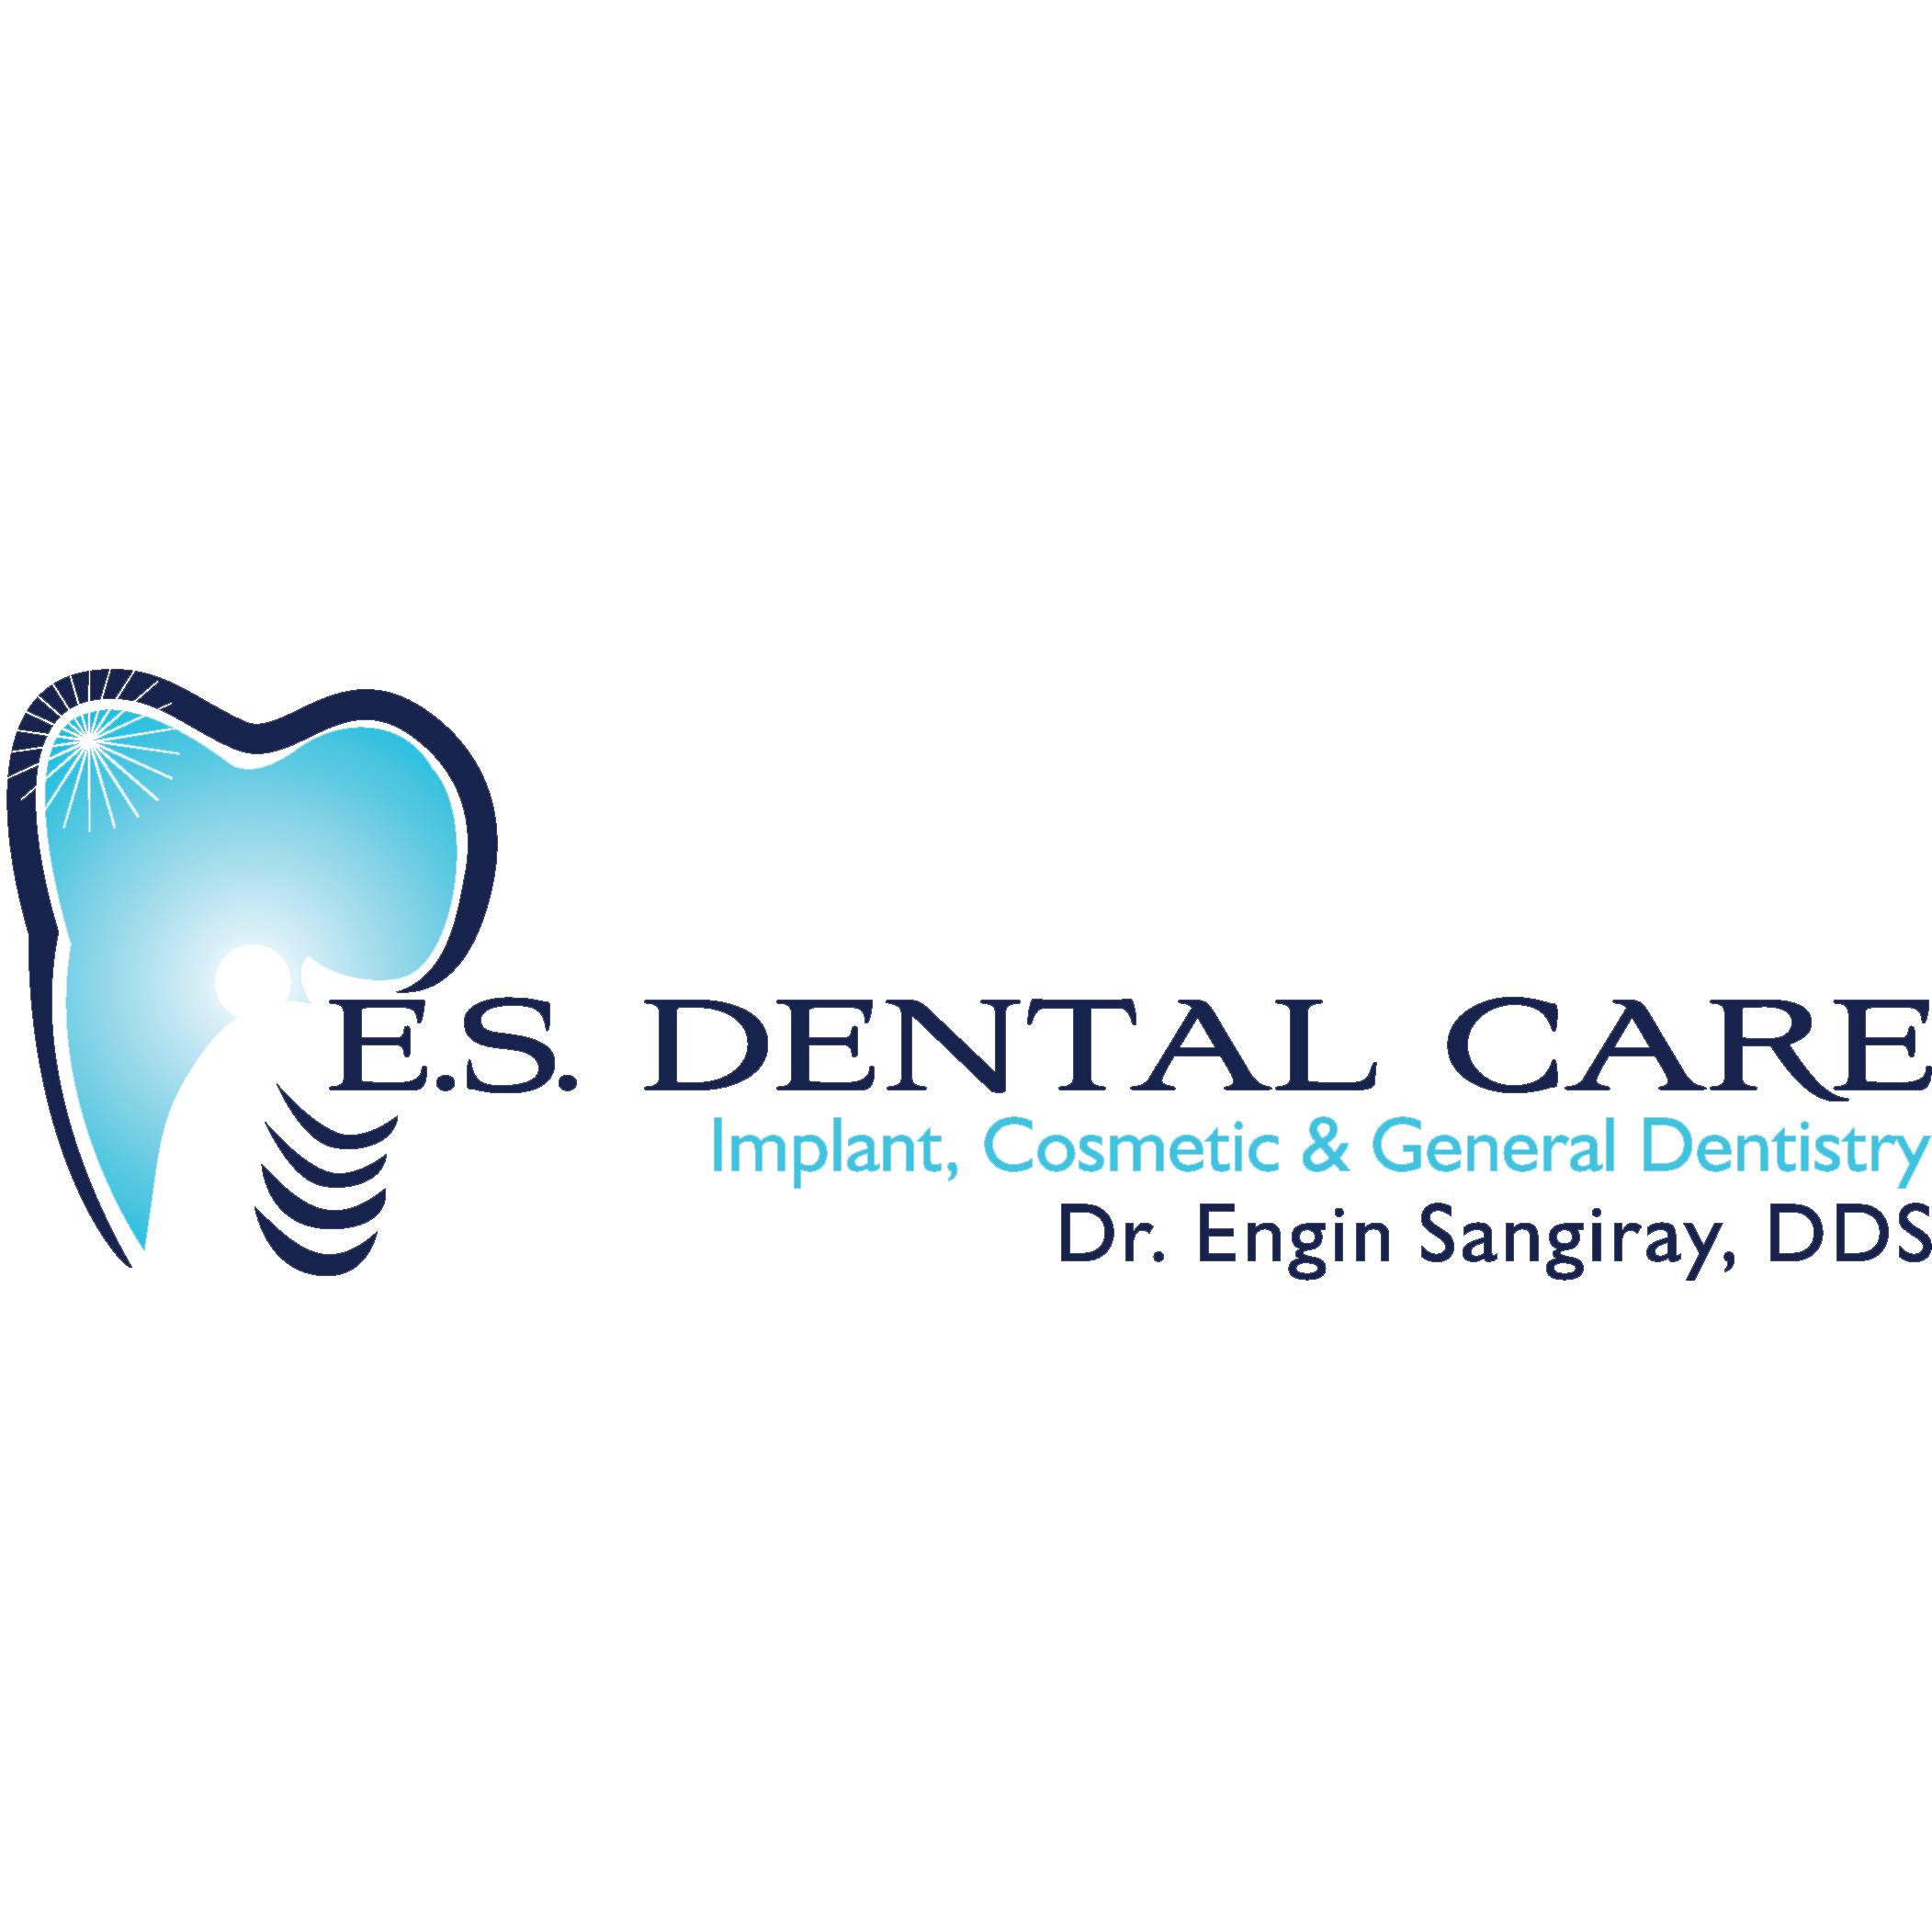 E.S. Dental Care